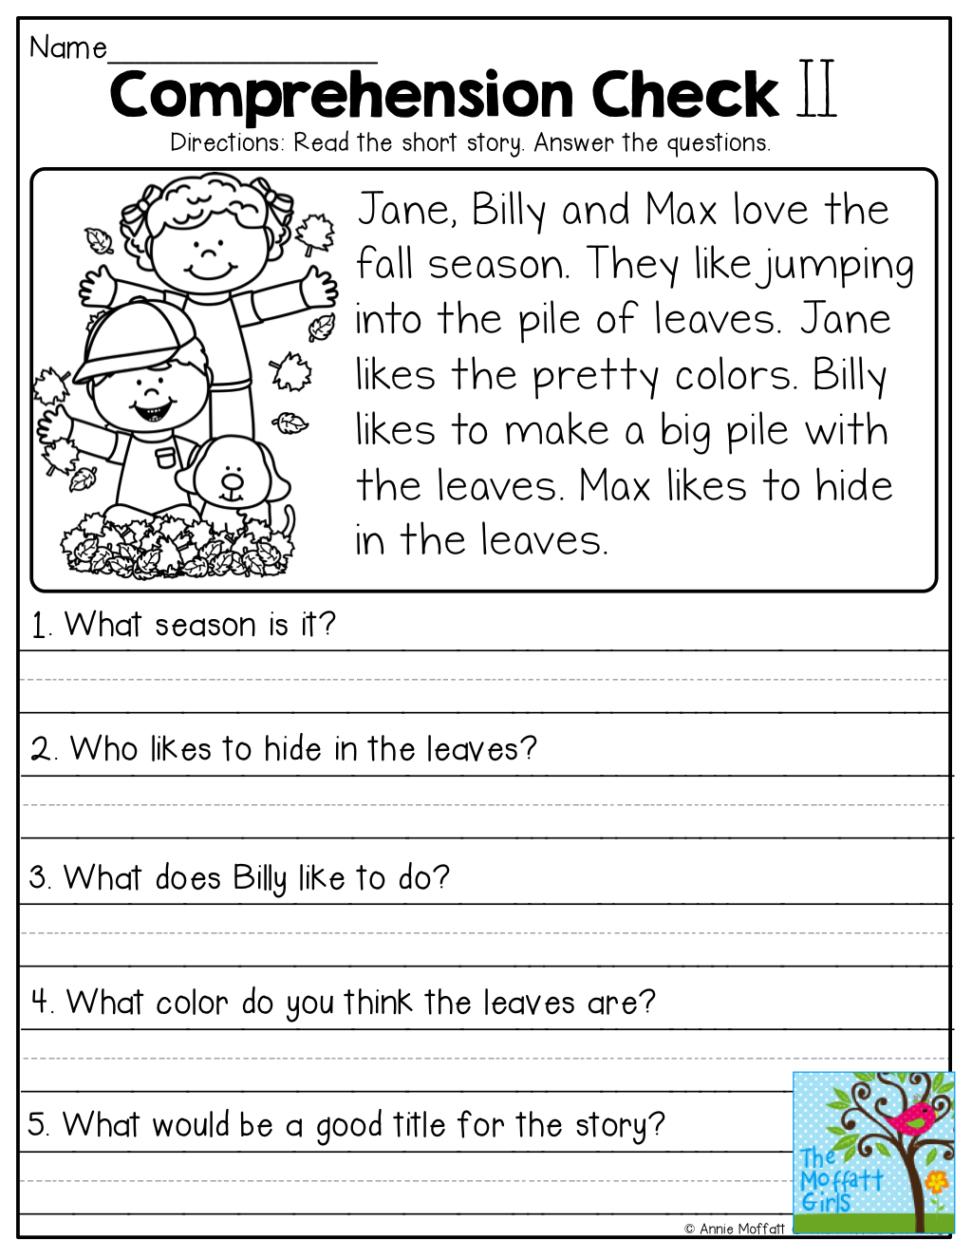 Worksheet. Free Printable Reading Comprehension Worksheets - Free | Free Printable Reading Comprehension Worksheets For Kindergarten